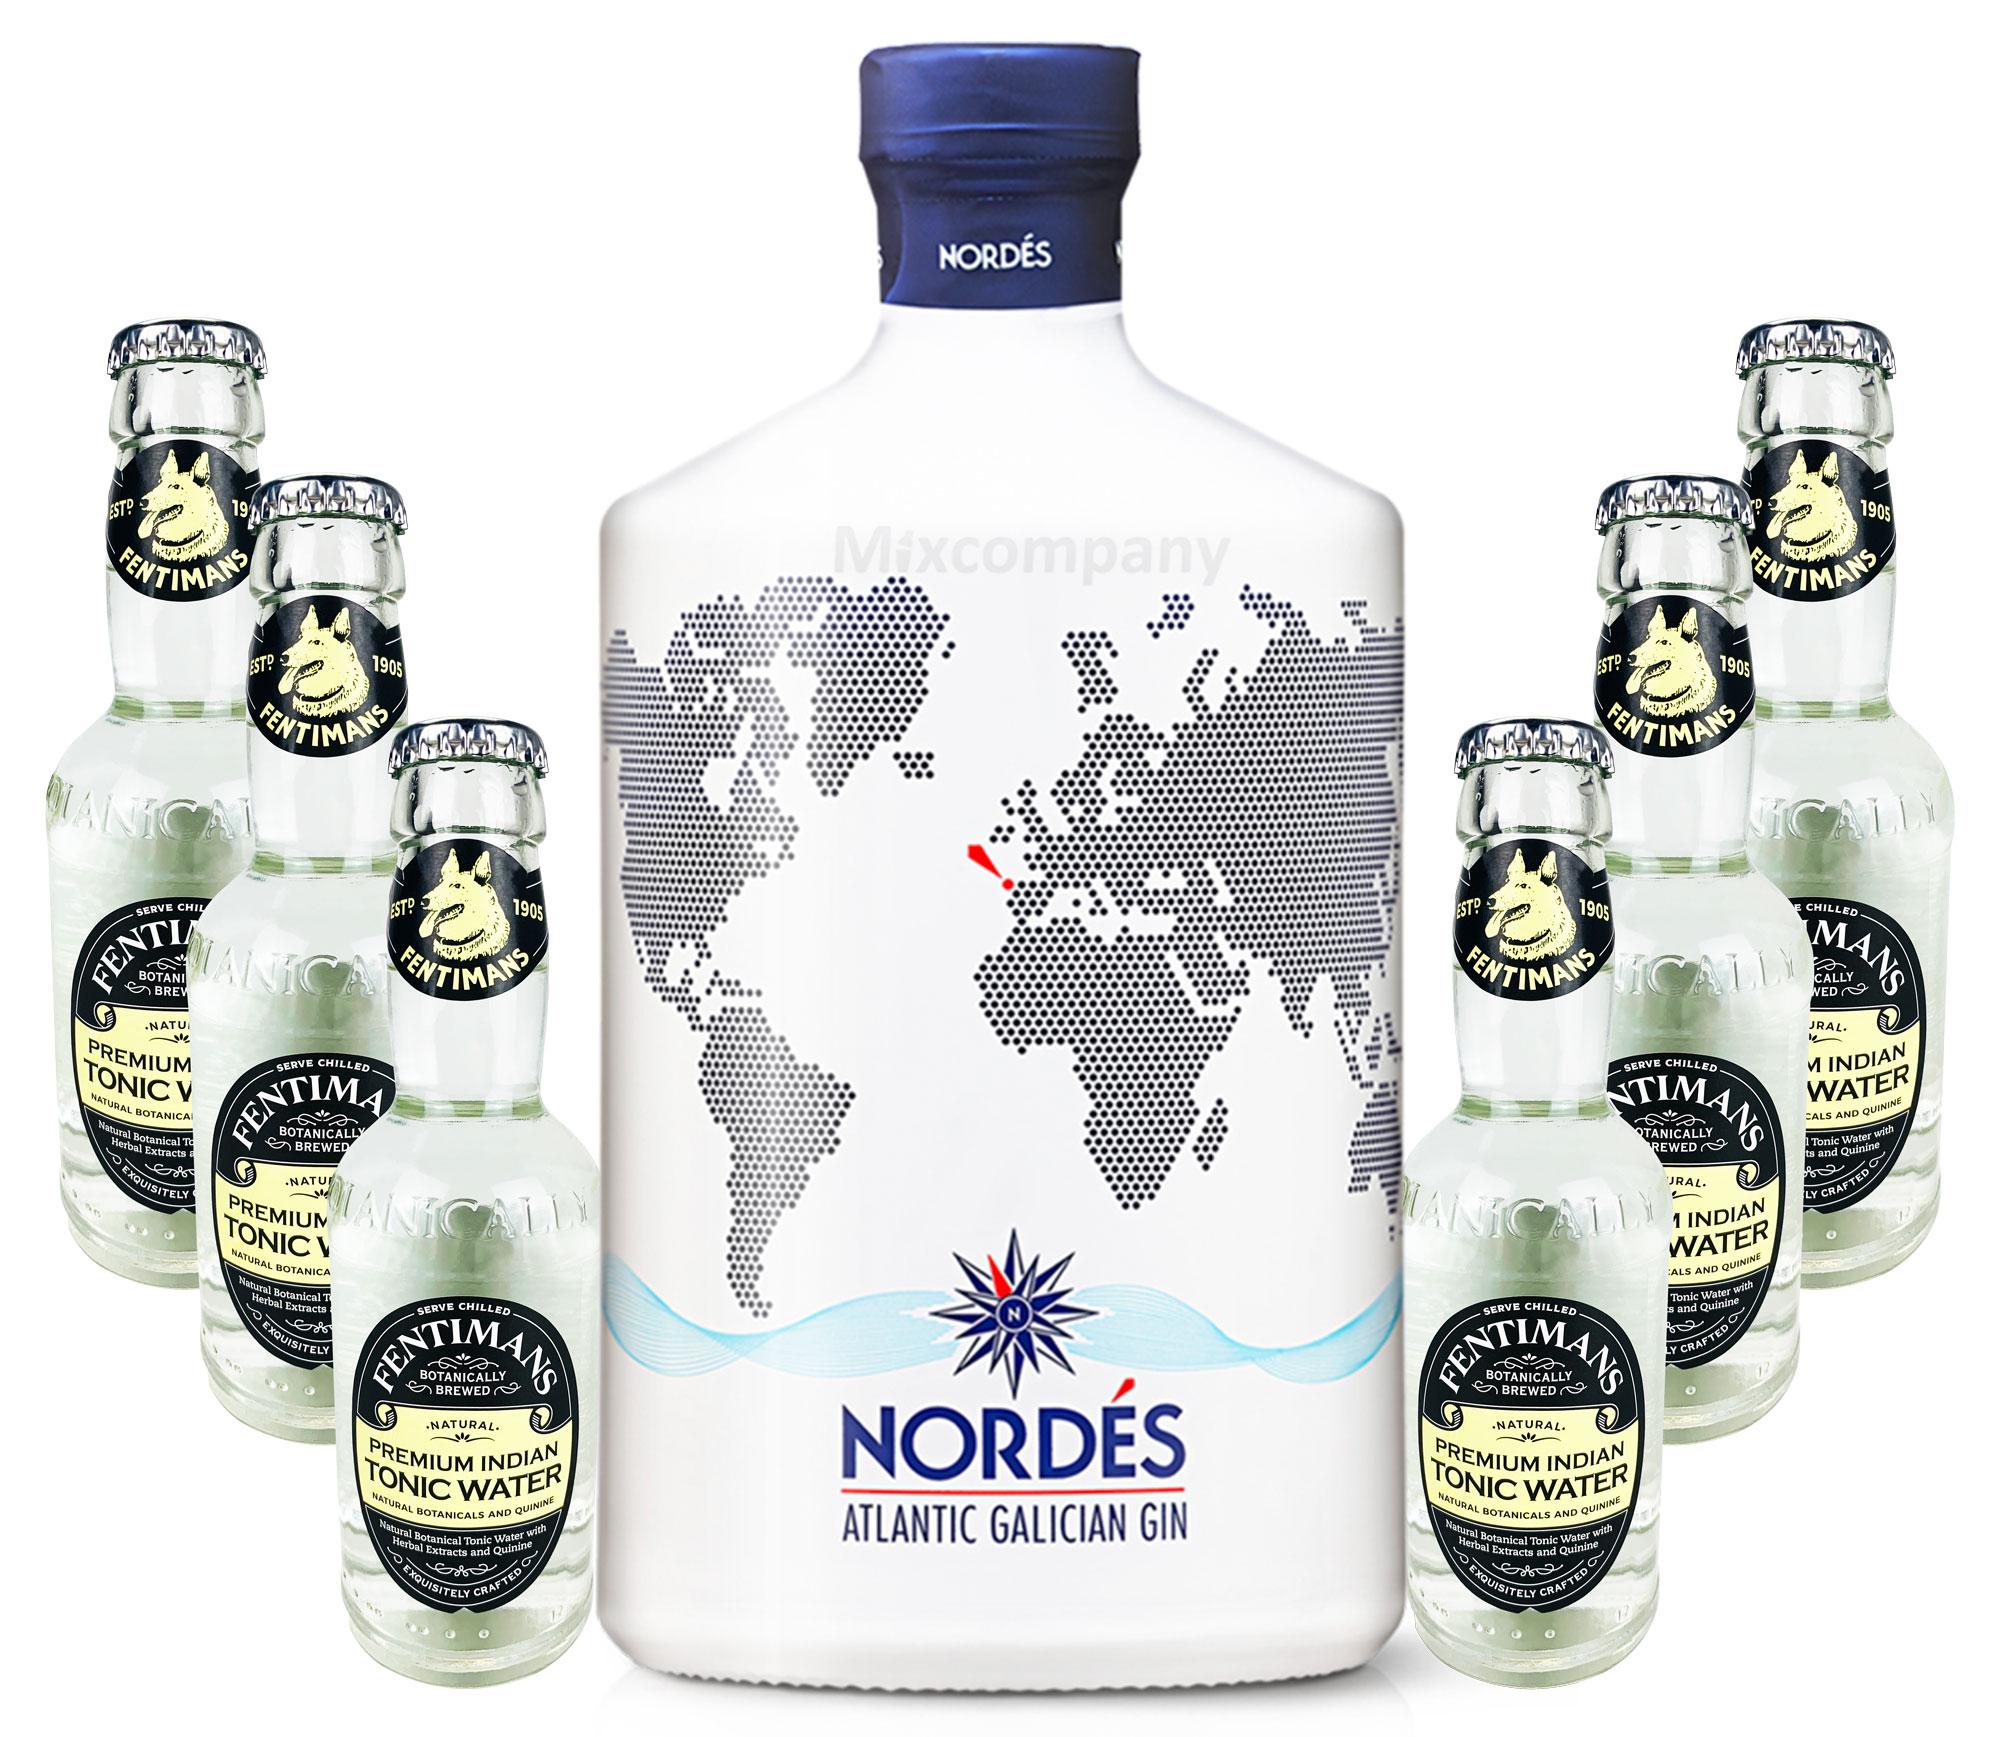 Nordes Atlantic Galician Gin aus Galizien 0,7l (40% Vol) + 6 x Fentimans Premium Indian Tonic Water 0,2l MEHRWEG inkl. Pfand- [Enthält Sulfite]